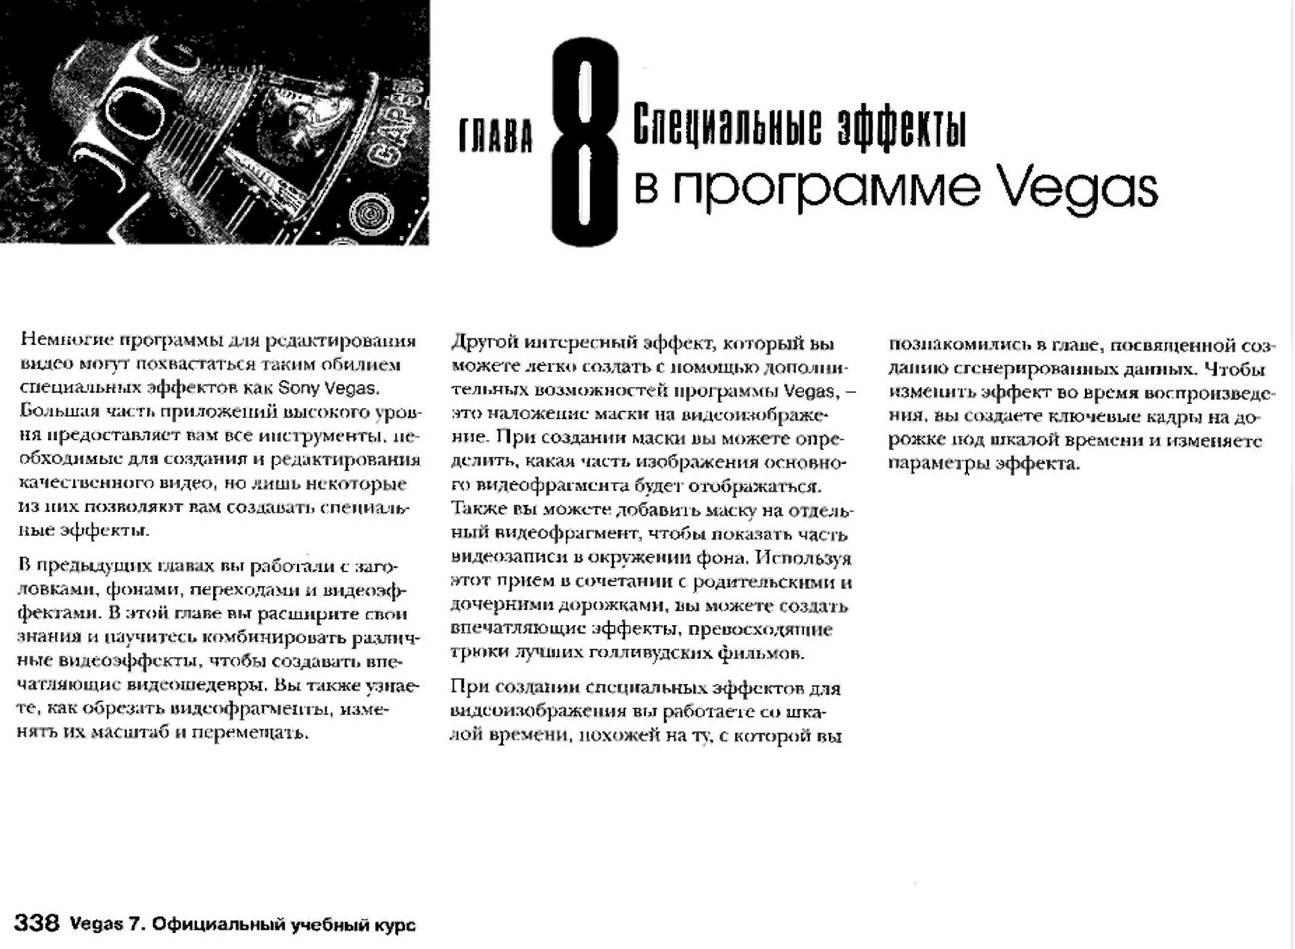 http://redaktori-uroki.3dn.ru/_ph/12/753240045.jpg